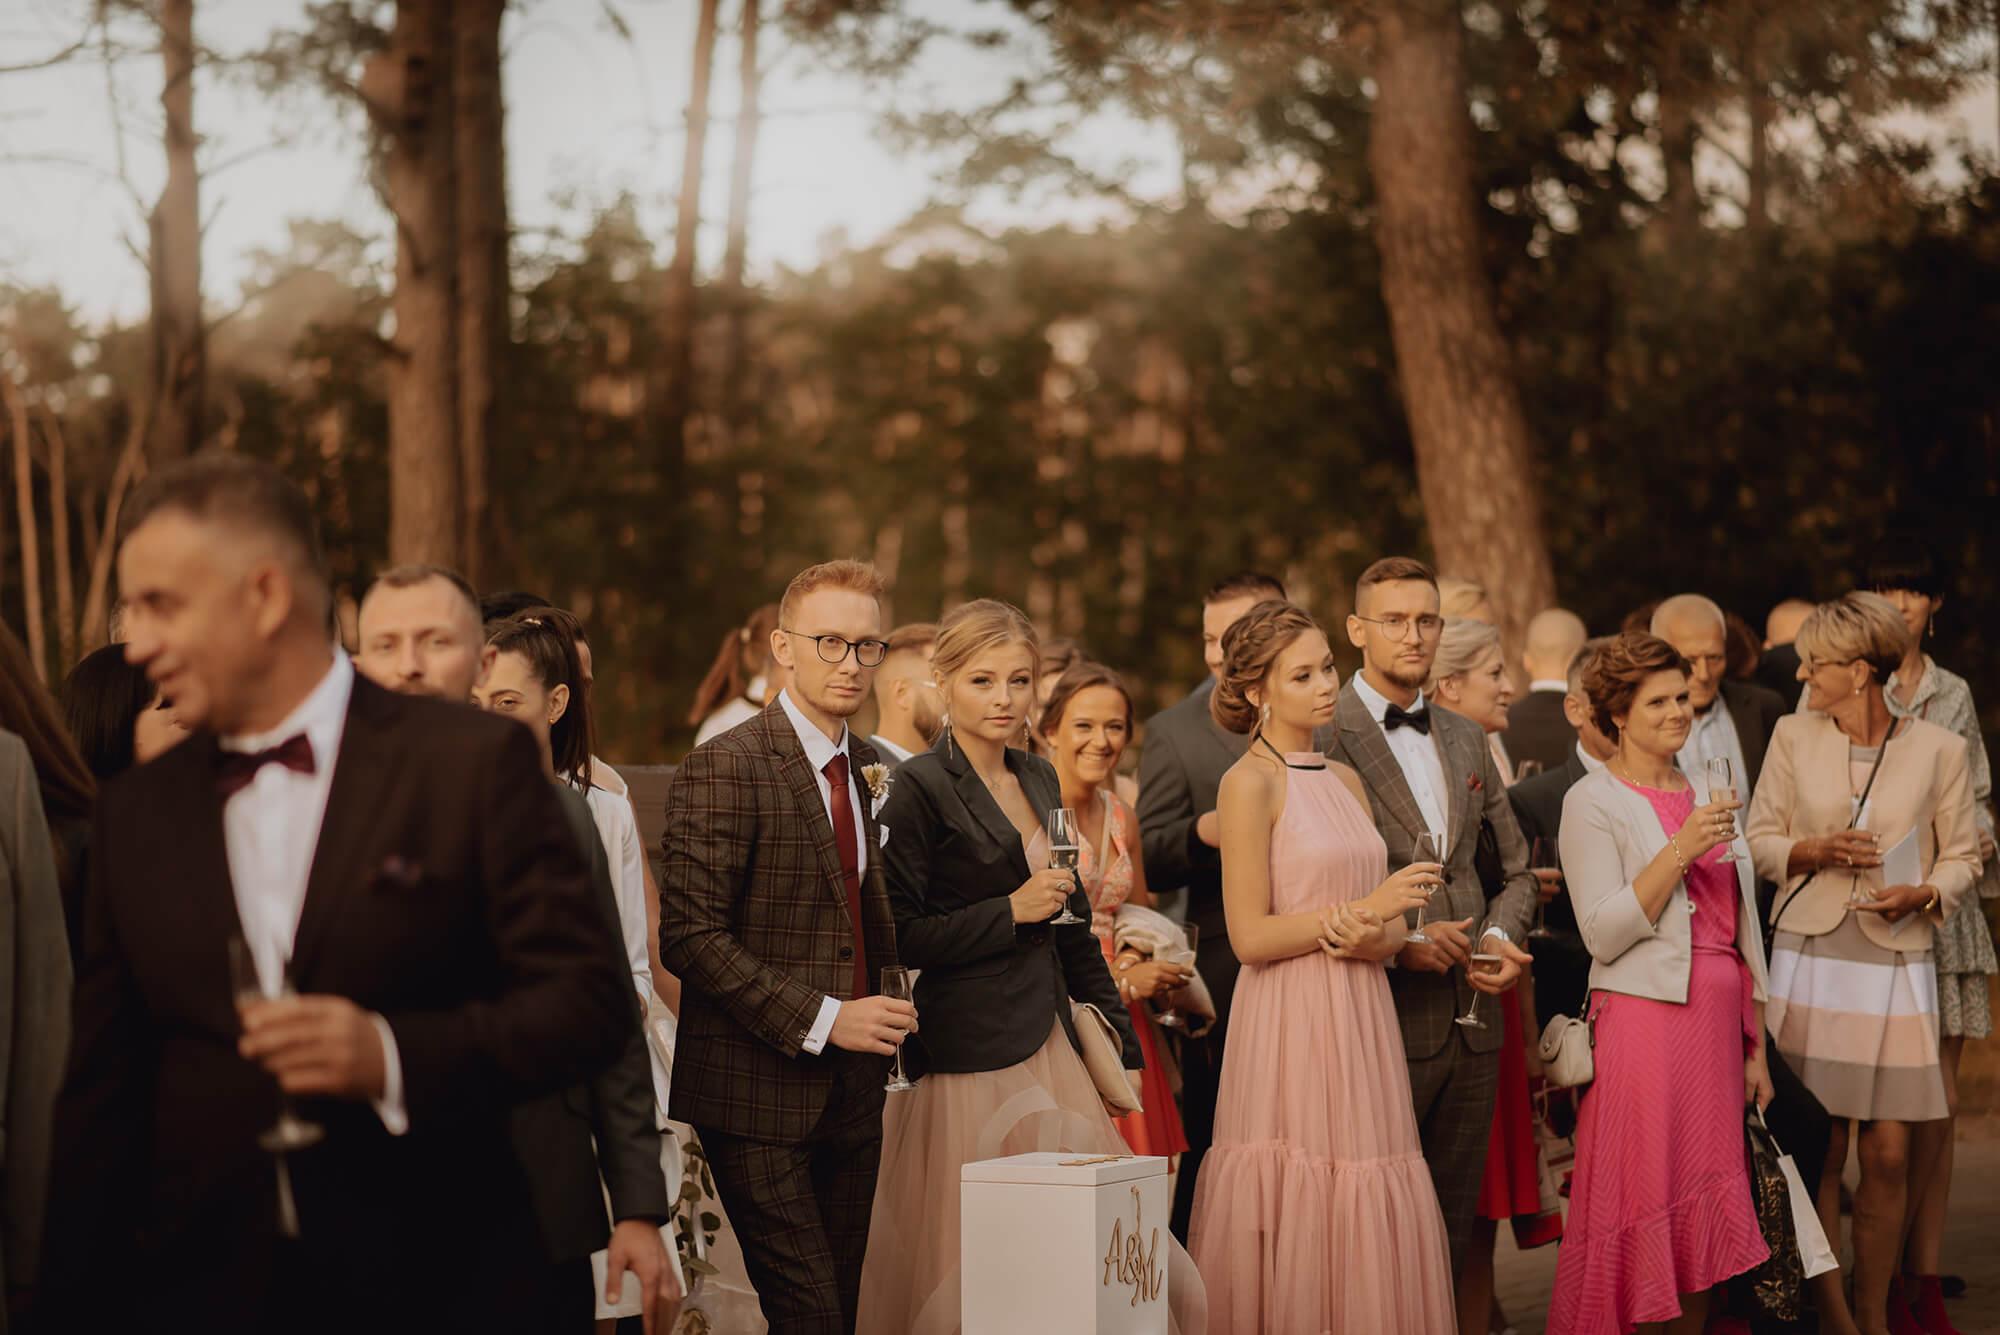 Slub wesele w dworze Hulanka00026 - Ola + Maciej | wesele w Dworze Hulanka